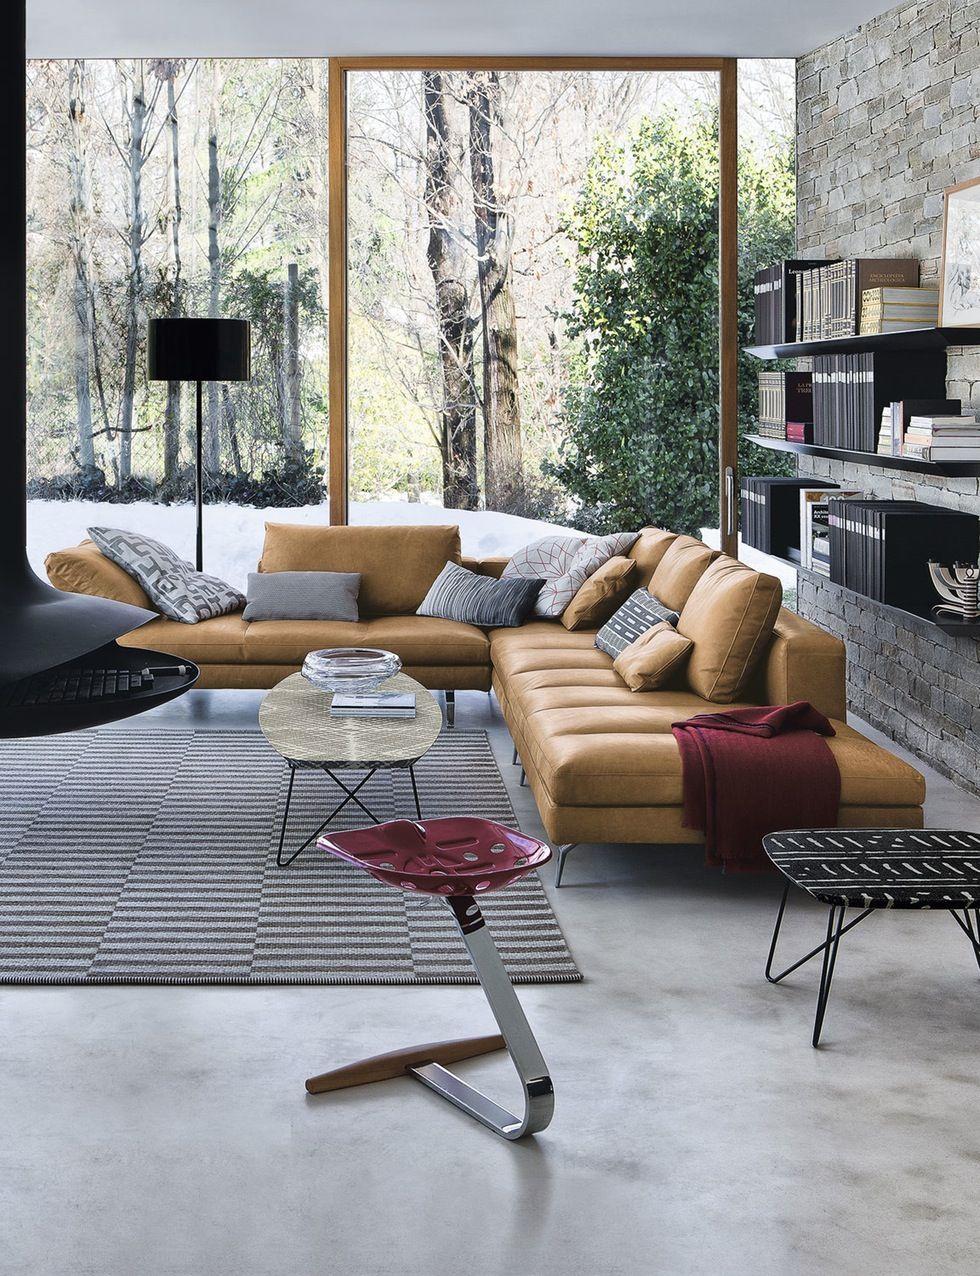 wohnzimmermobel royal oak : 30 Deilige Sofaer Bo Bedre No Living Pinterest Interiors